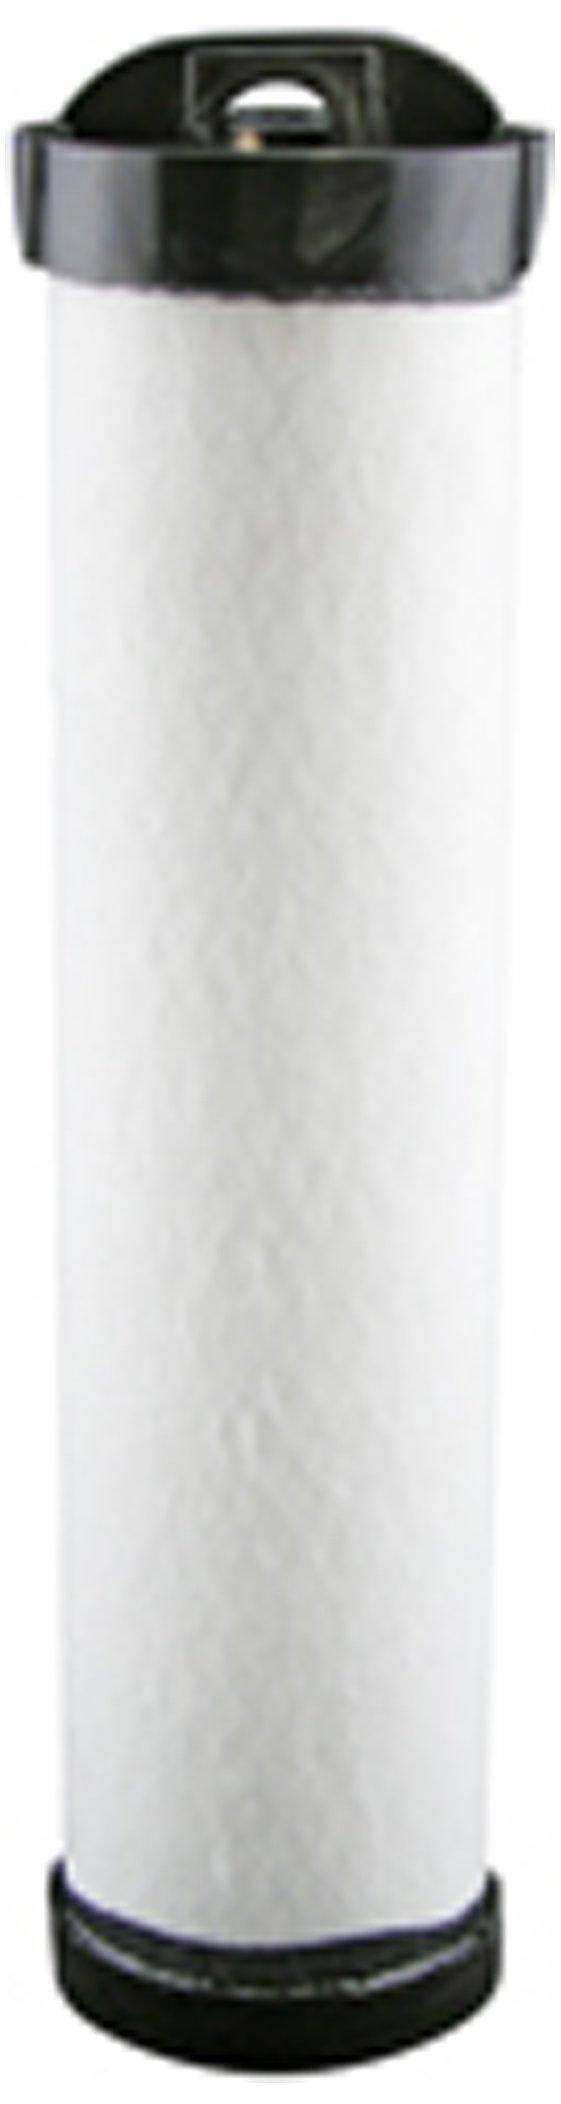 Hastings AF2385 Felt Media Radial Seal Inner Air Filter Element by Hastings Premium Filters